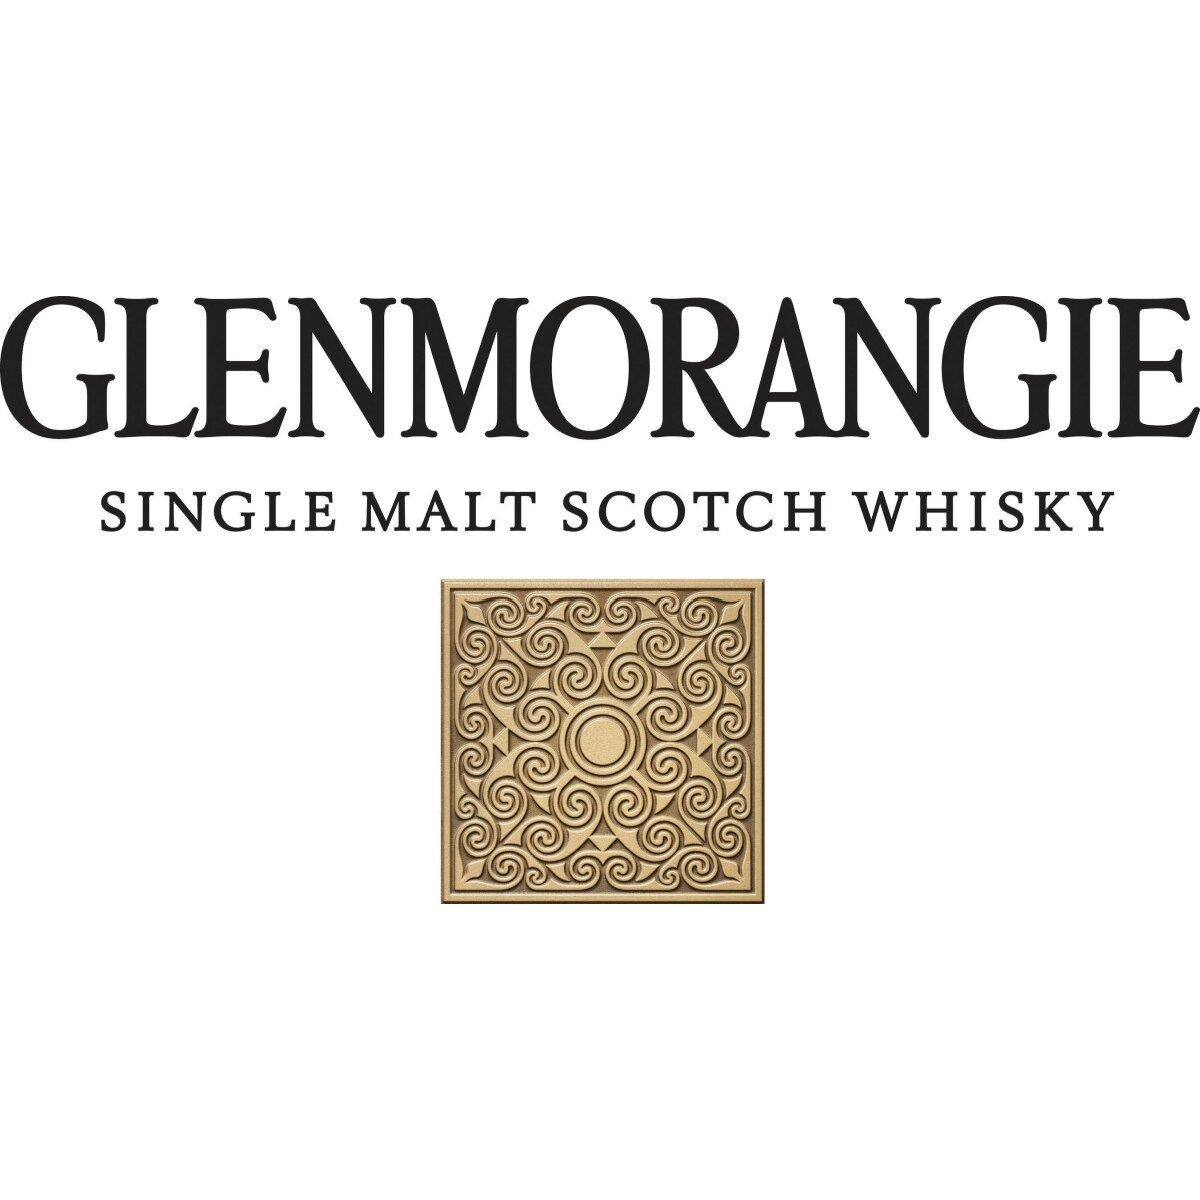 glenmorangie-logo-10082013-1yhigh113929127932051.jpg